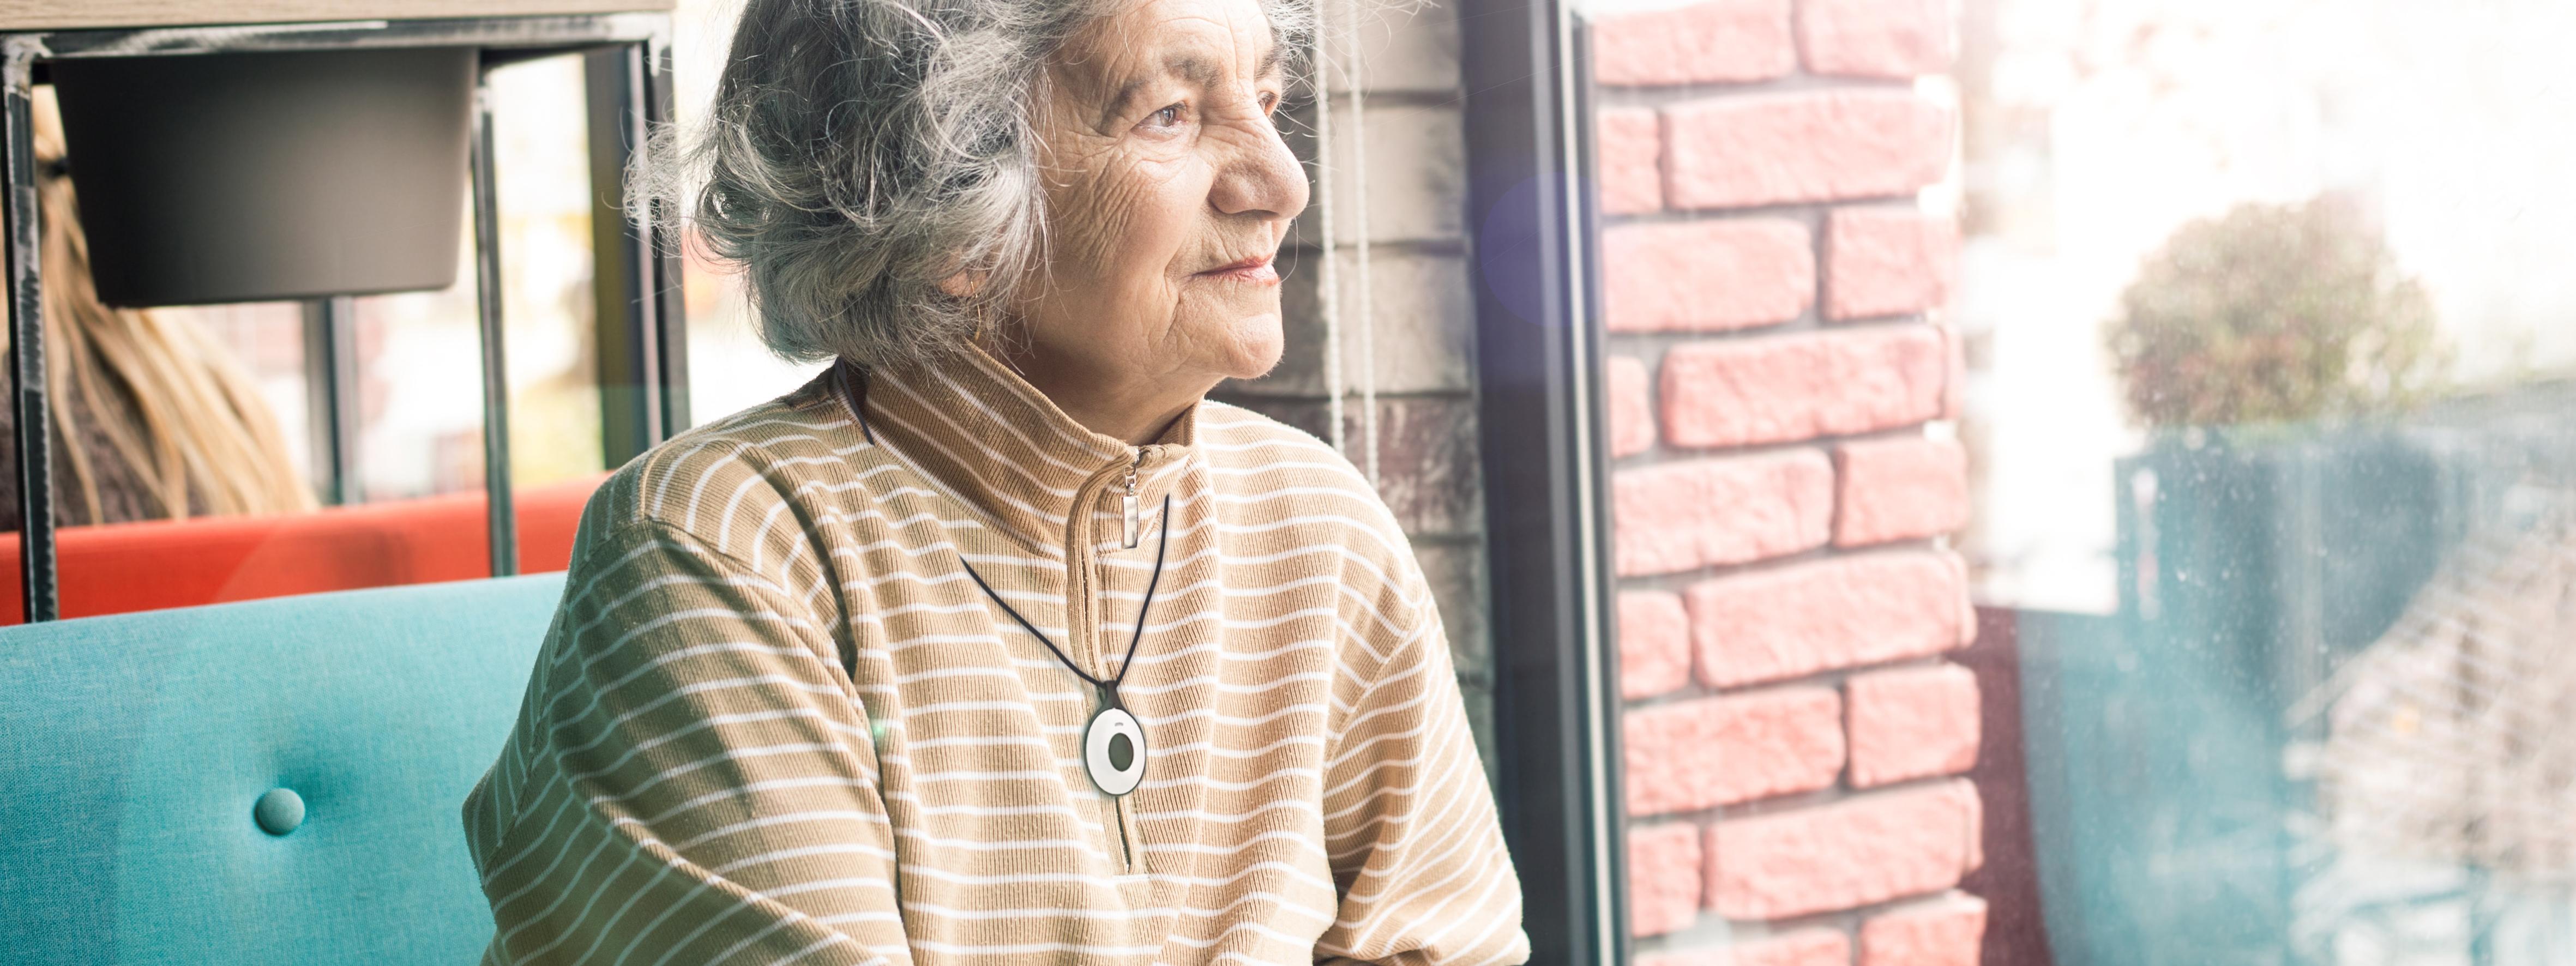 Persoonsalarmering helpt langer veilig thuis te wonen